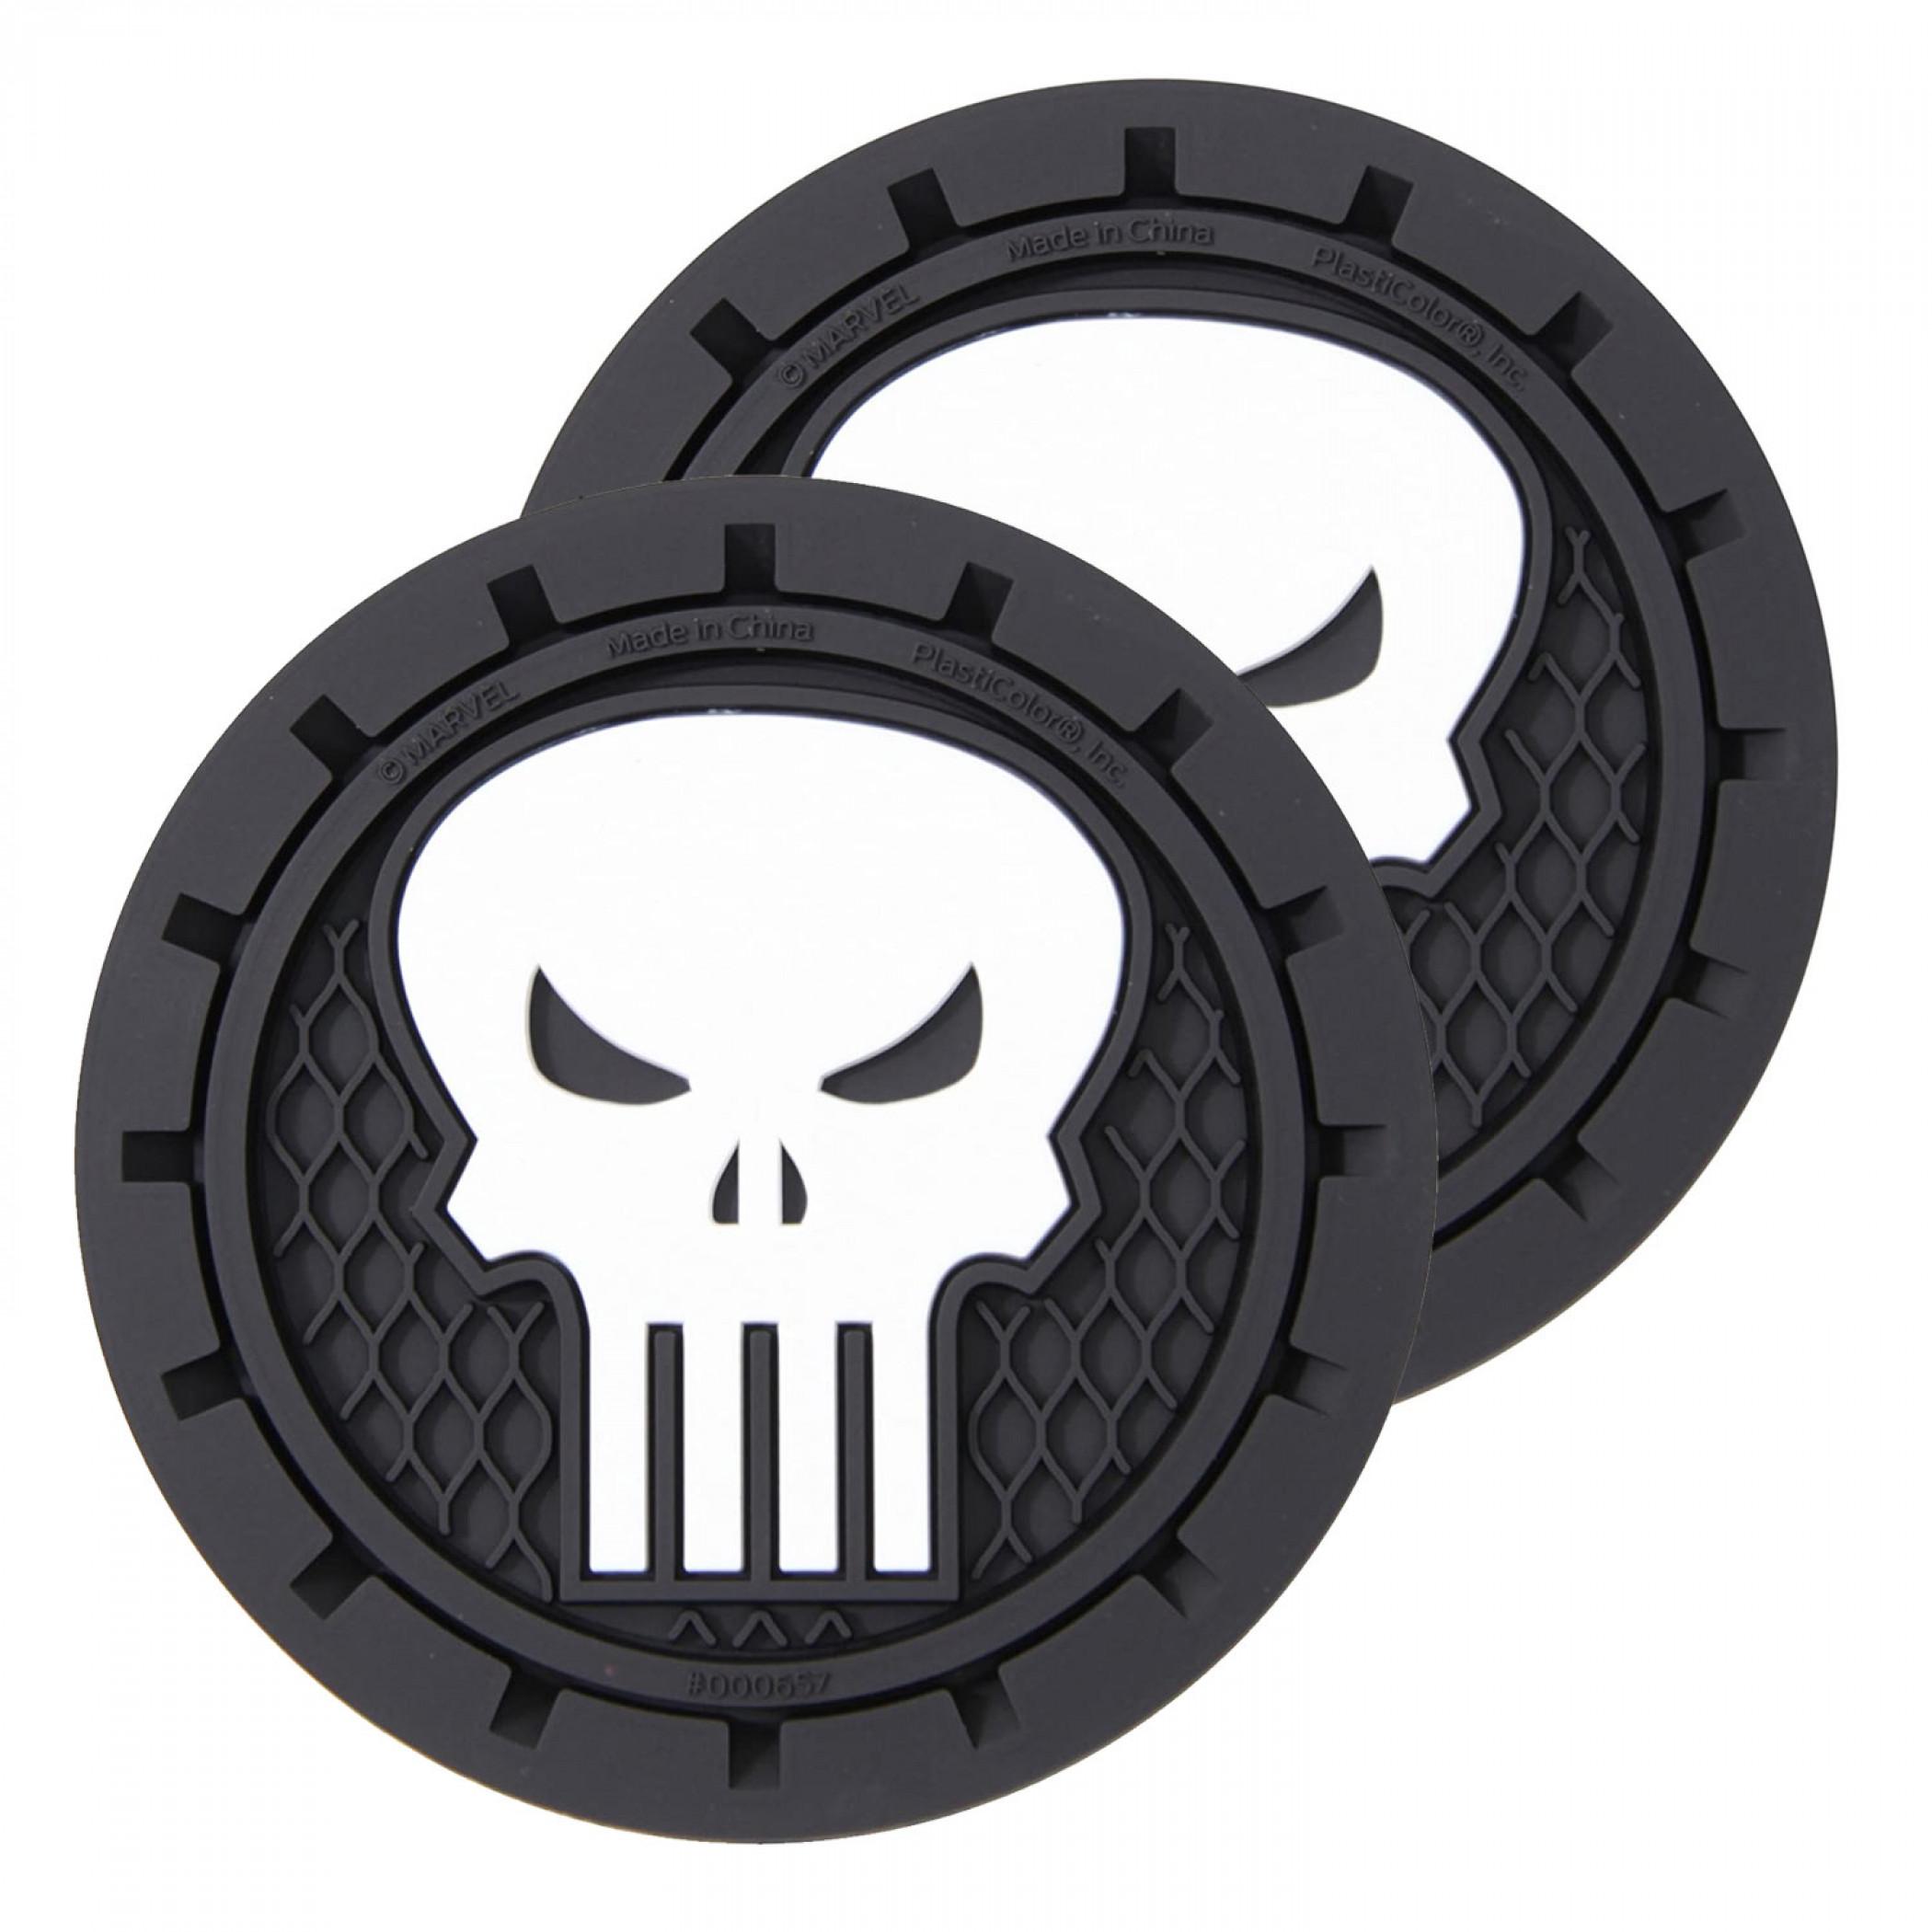 Punisher Car Cup Holder Coaster 2-Pack